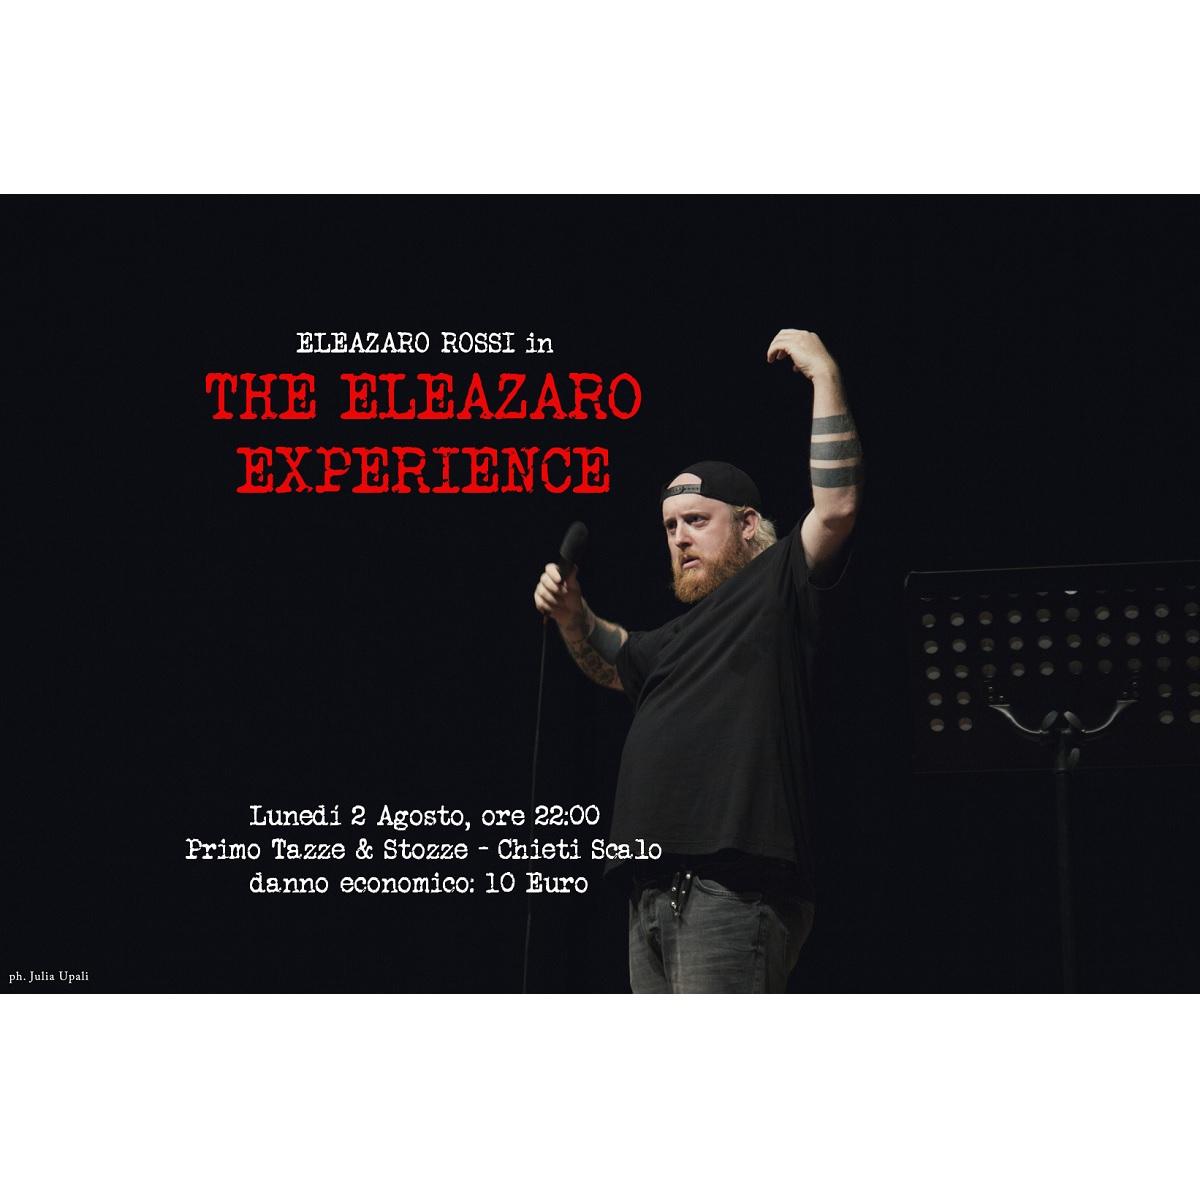 The Eleazaro Experience al Primo a Chieti Scalo foto